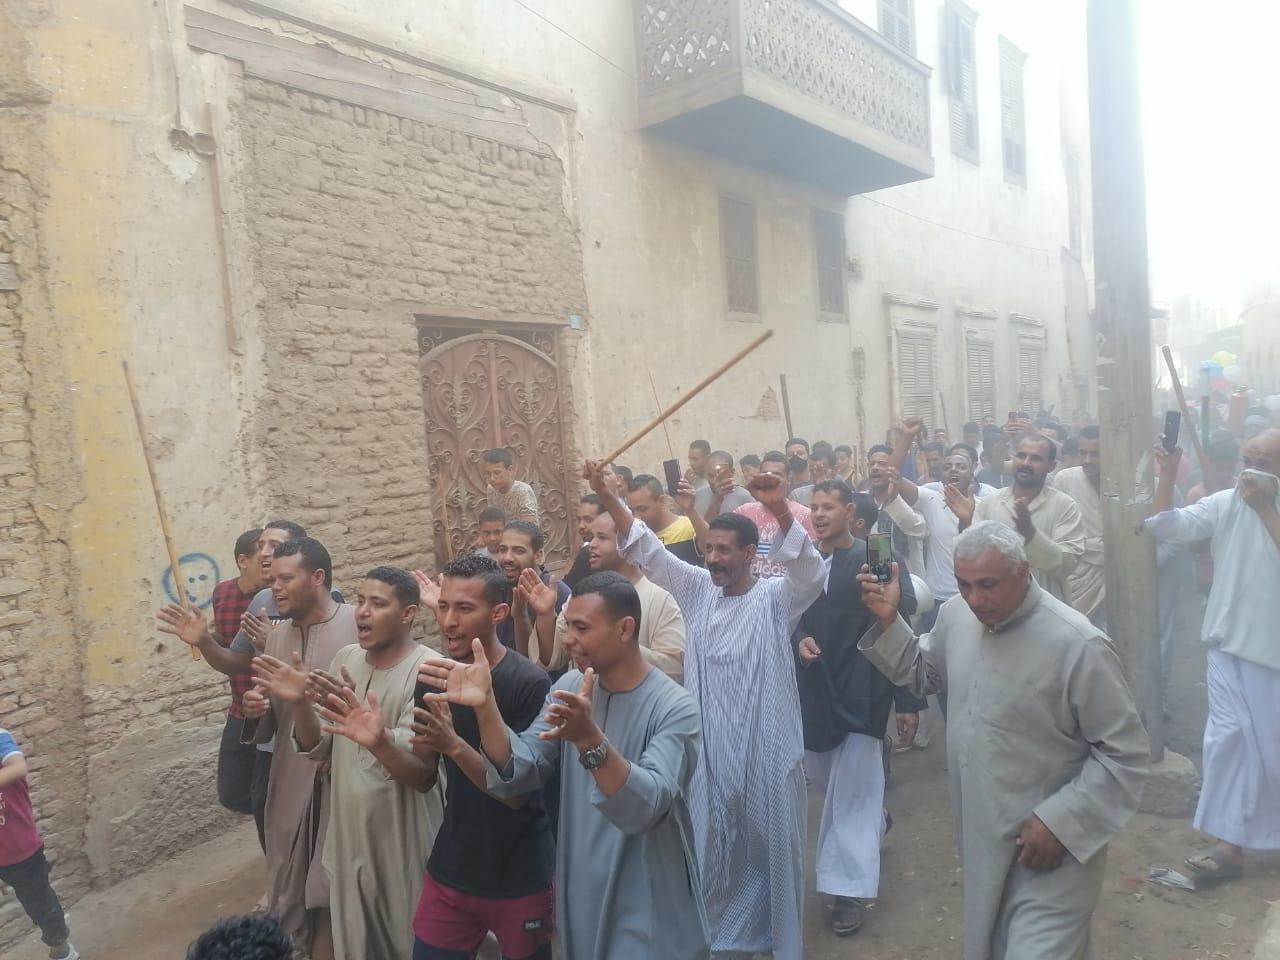 المئات من المسلمين والأقباط يحتفلون بالمولد النبوى (7)